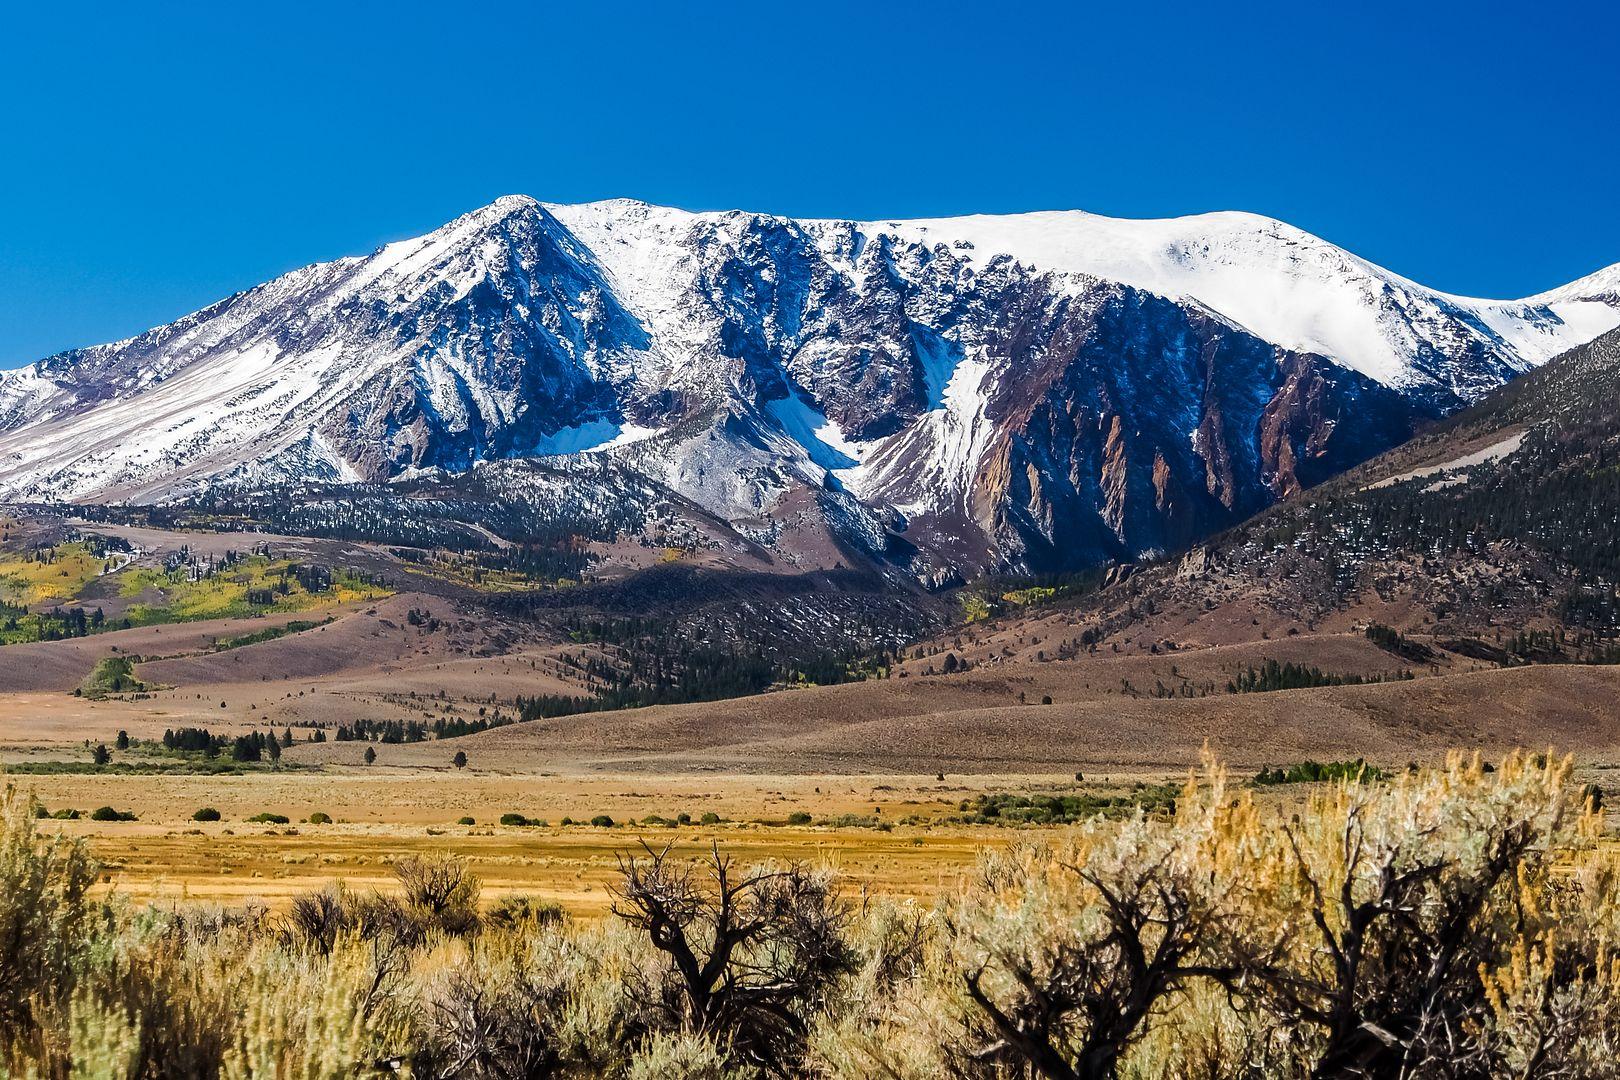 Sierra Nevada Montsetprairies2_zps51d5be1c